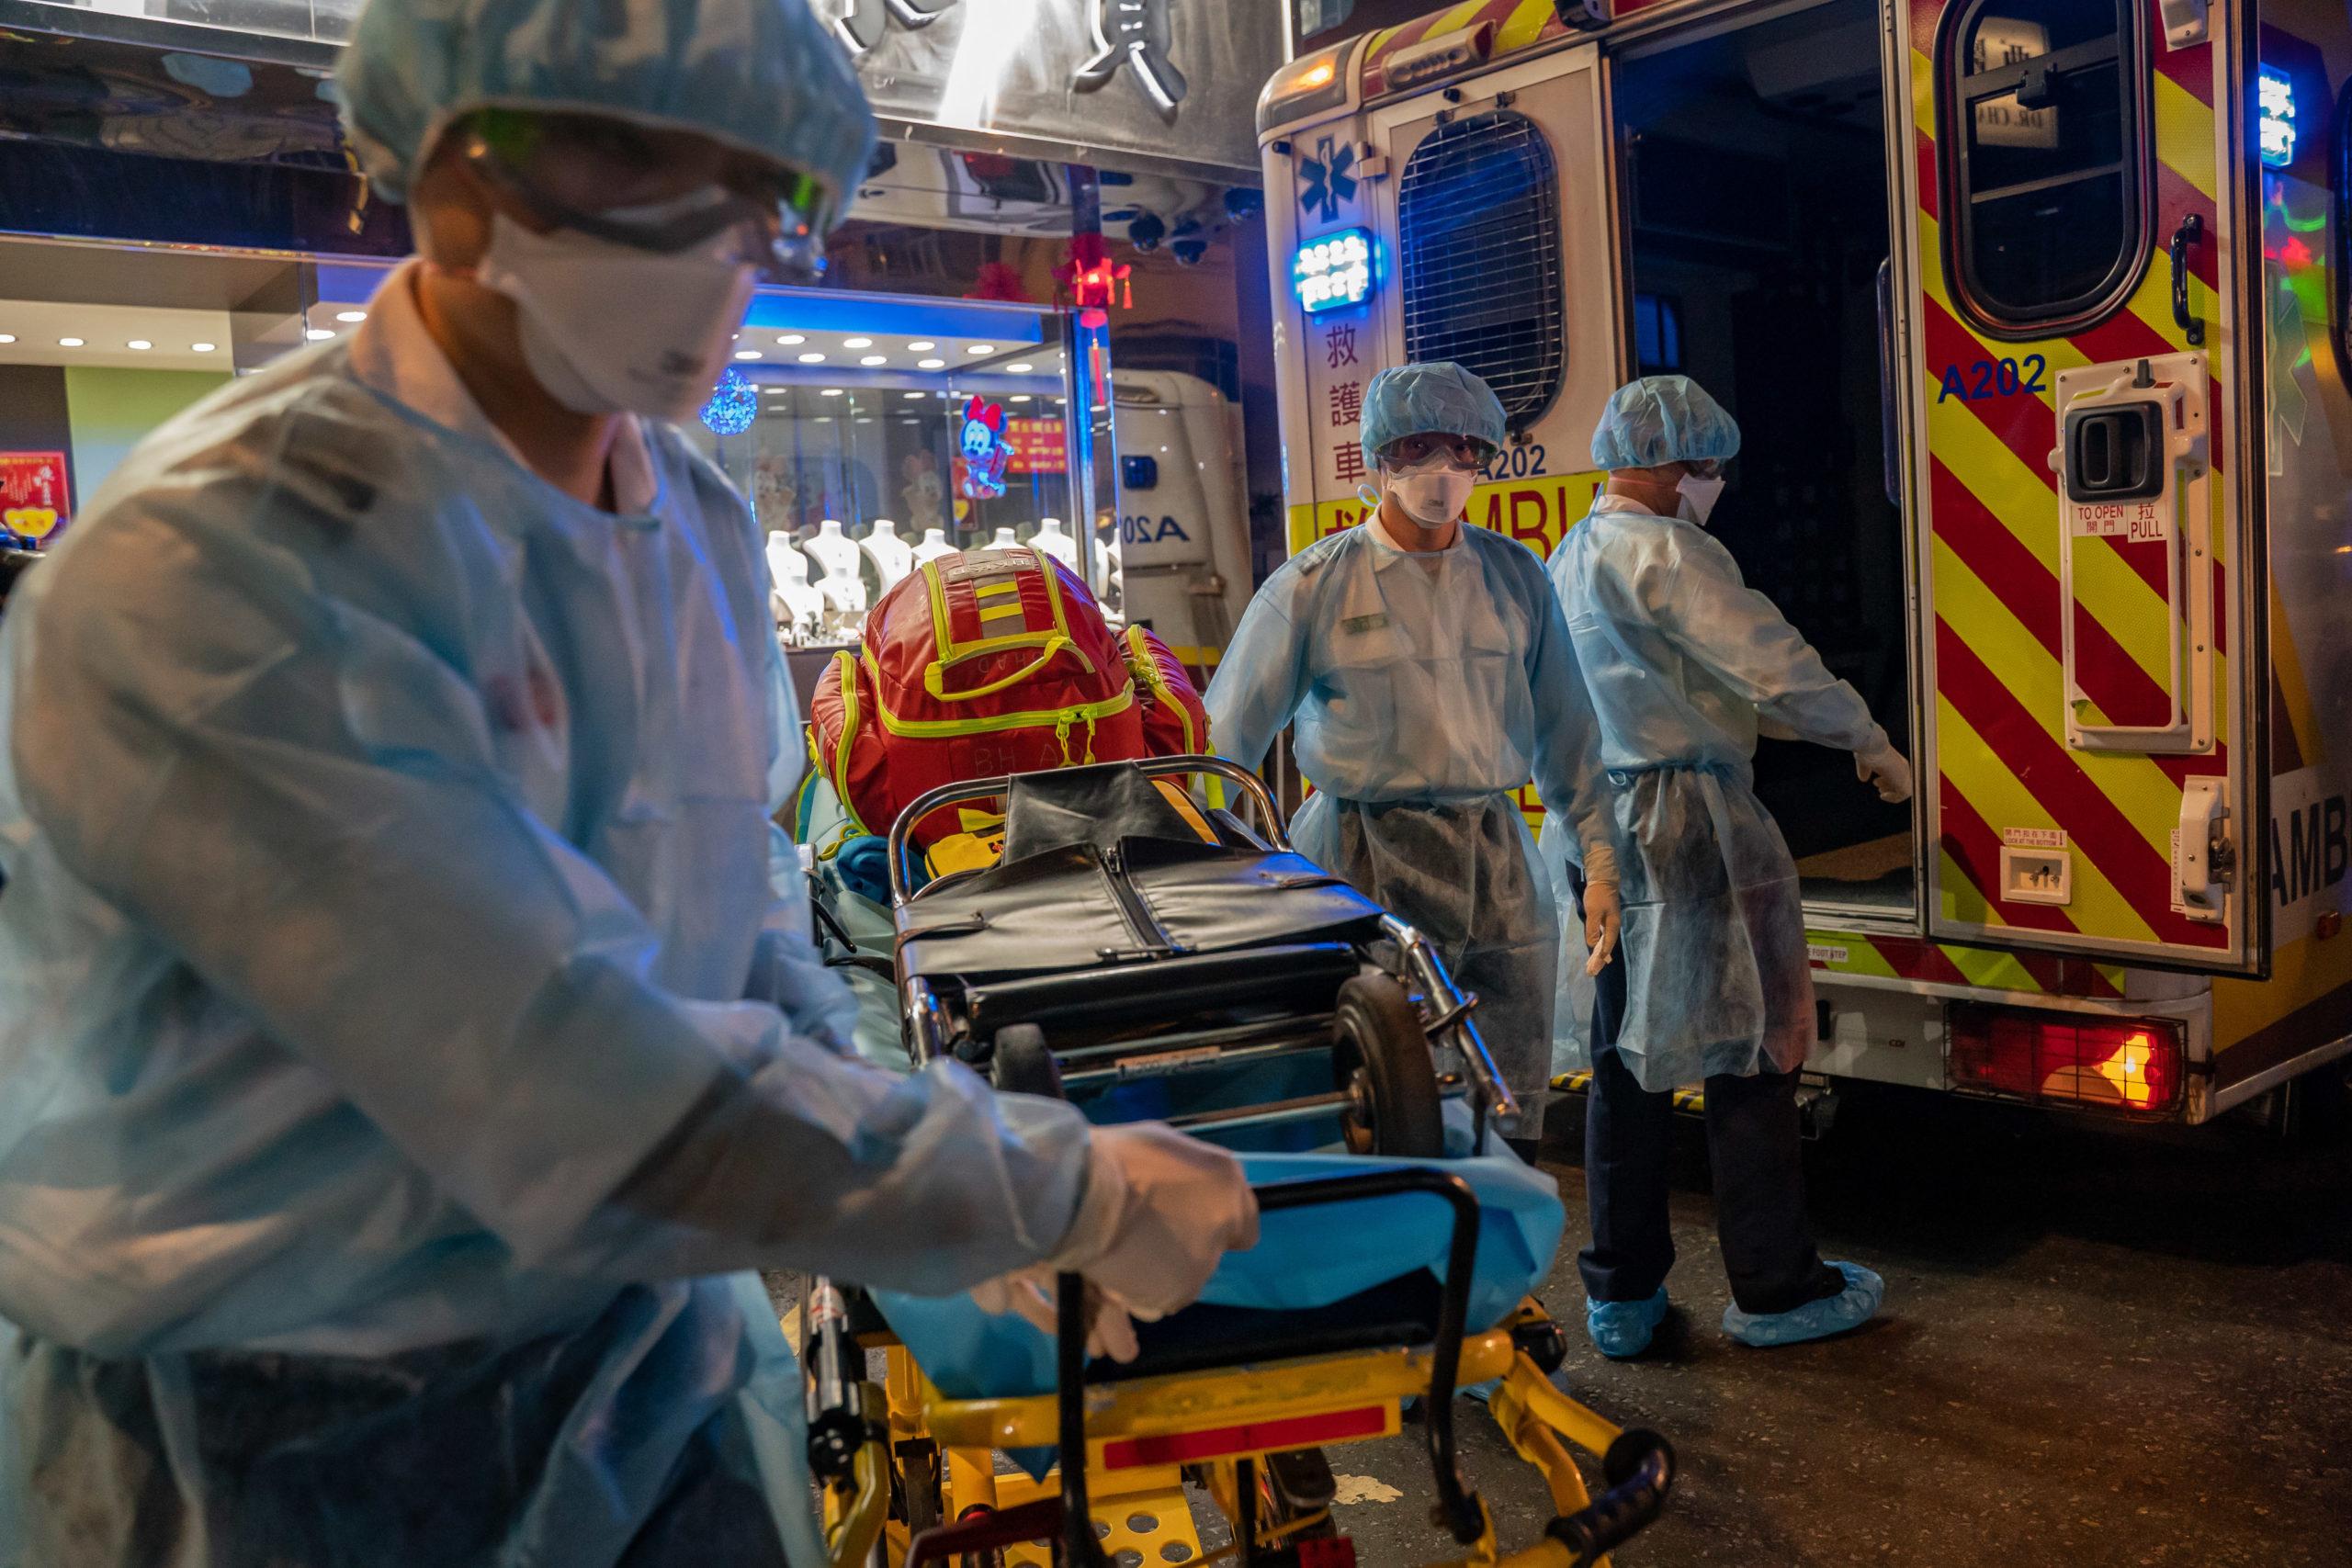 «Может настать страшное время, когда врачу придётся выбирать, кому быстрее помочь»: врач из Коммунарки показала себя после смены и рассказала о коронавирусе